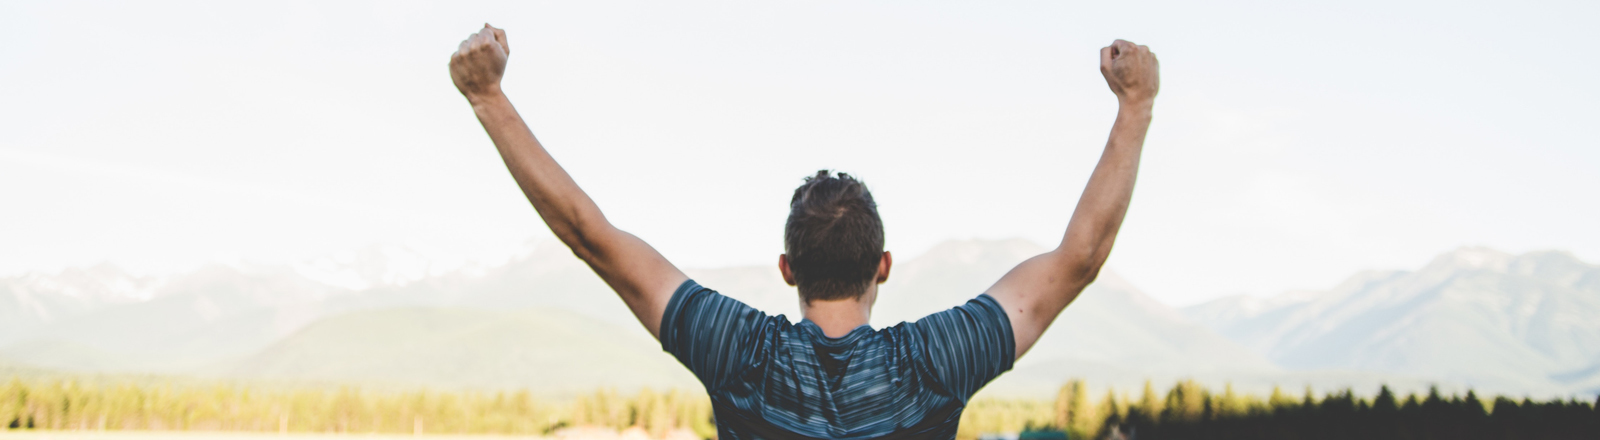 Ein Mann reckt die Arme in die Höhe